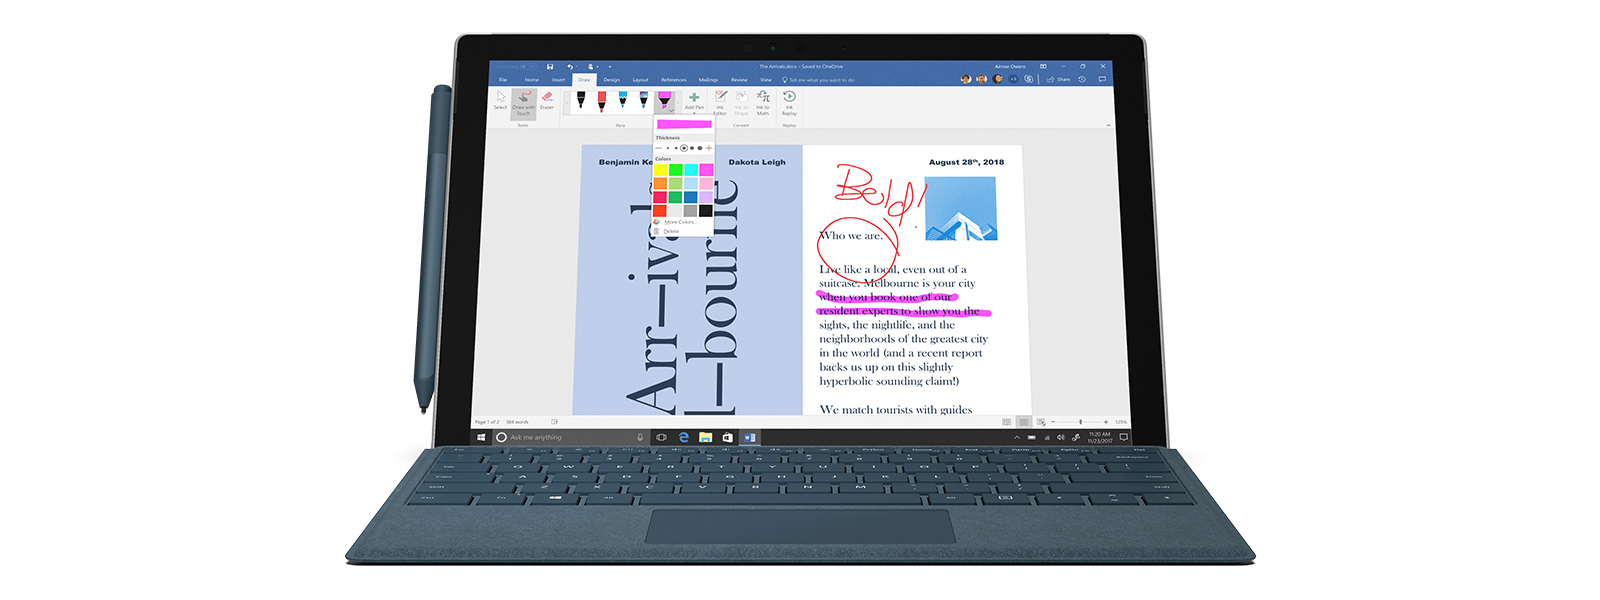 Zariadenie Surface Pro predstavujúce písanie rukou na obrazovke 3D Skicára